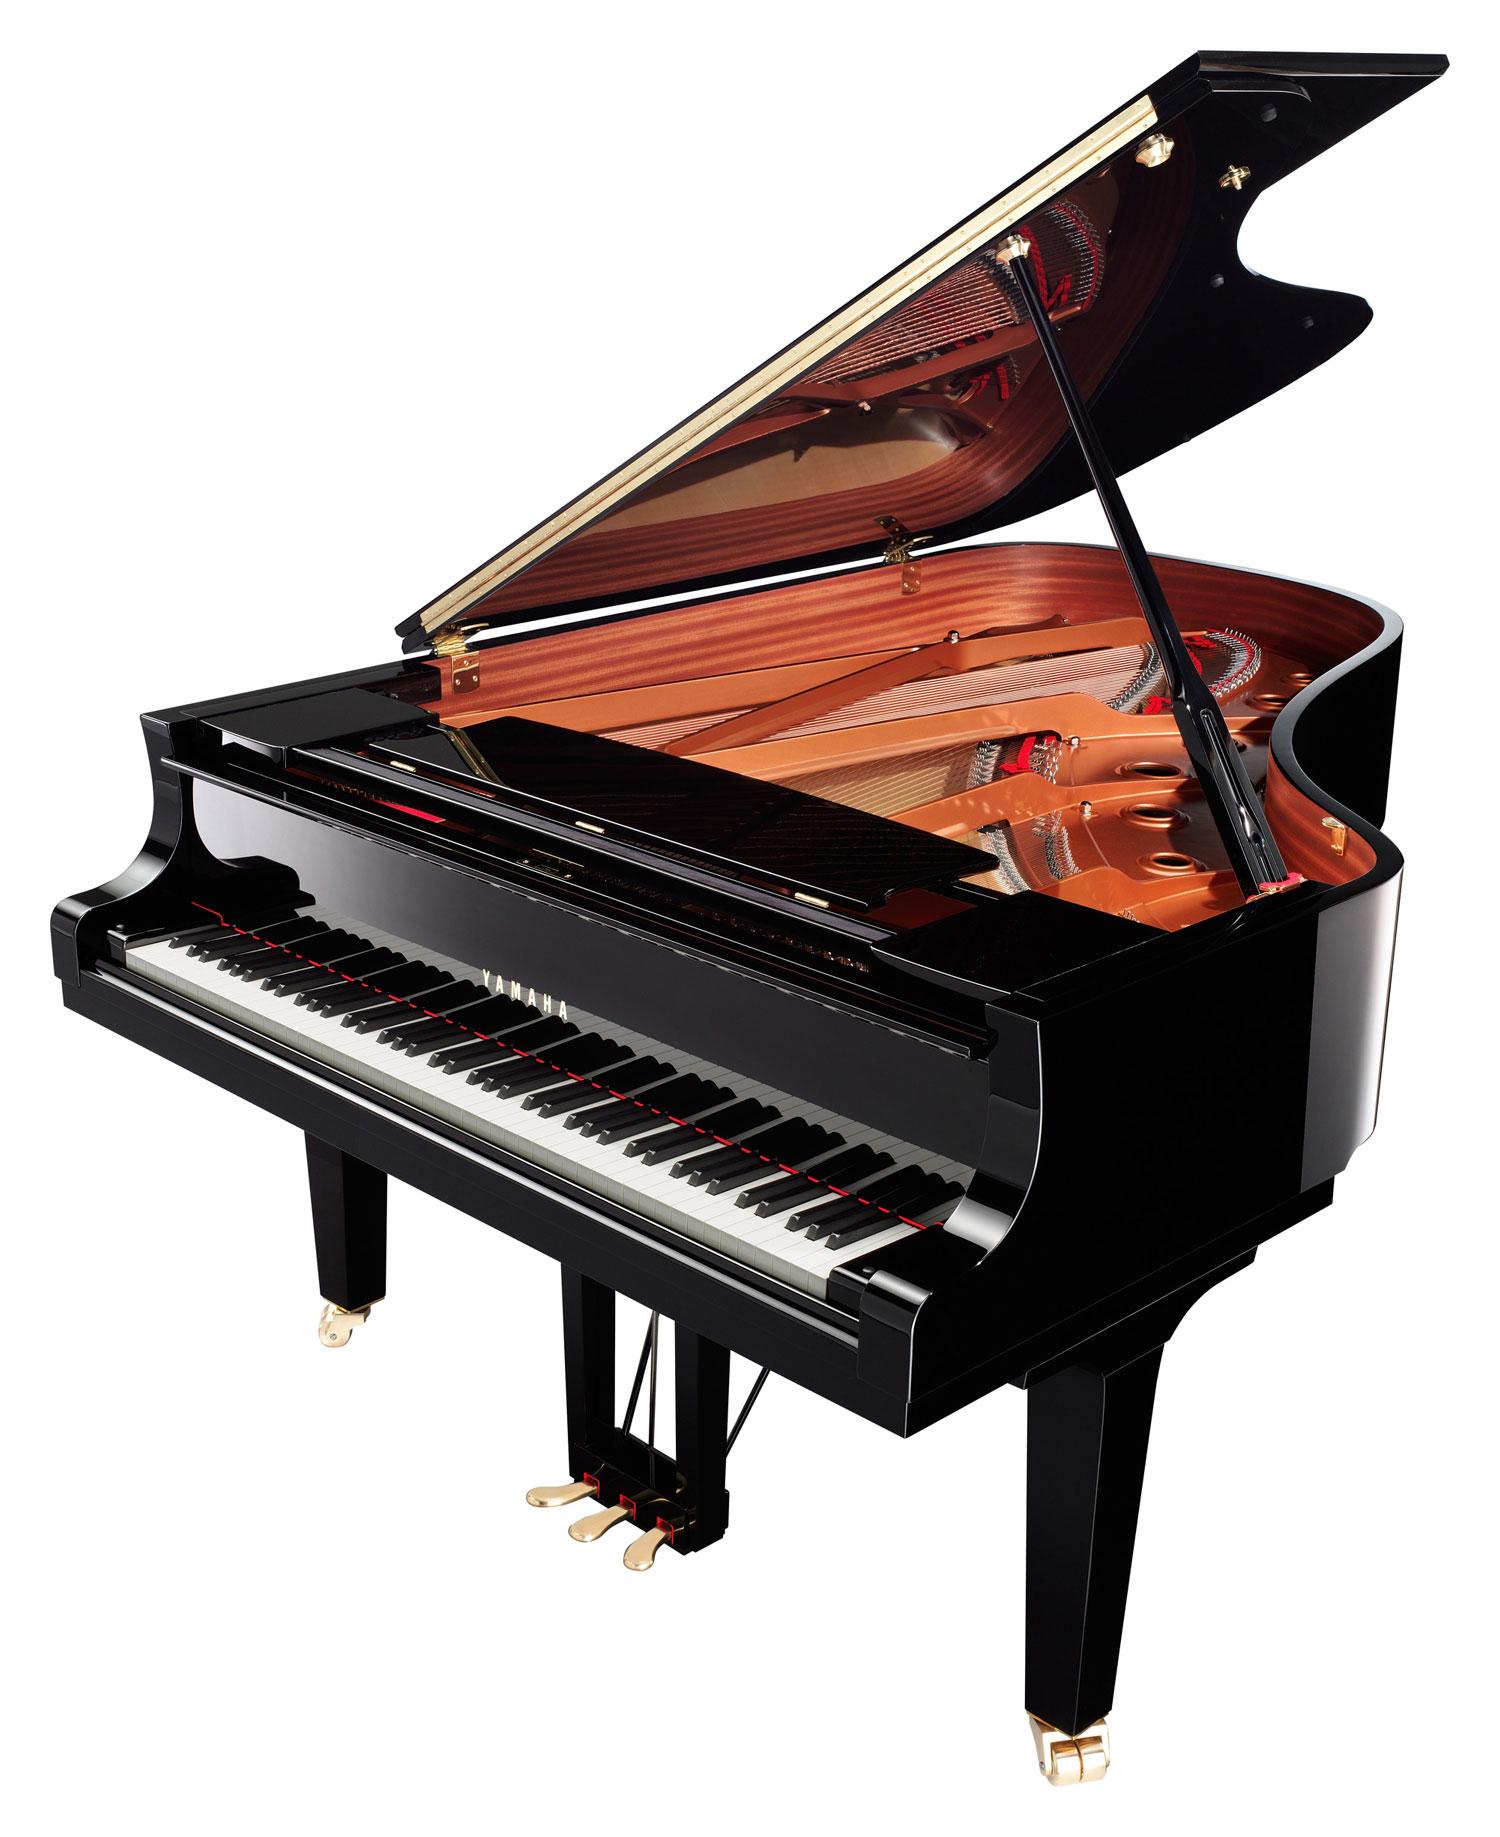 piano queue yamaha c6xpe noir brillant. Black Bedroom Furniture Sets. Home Design Ideas